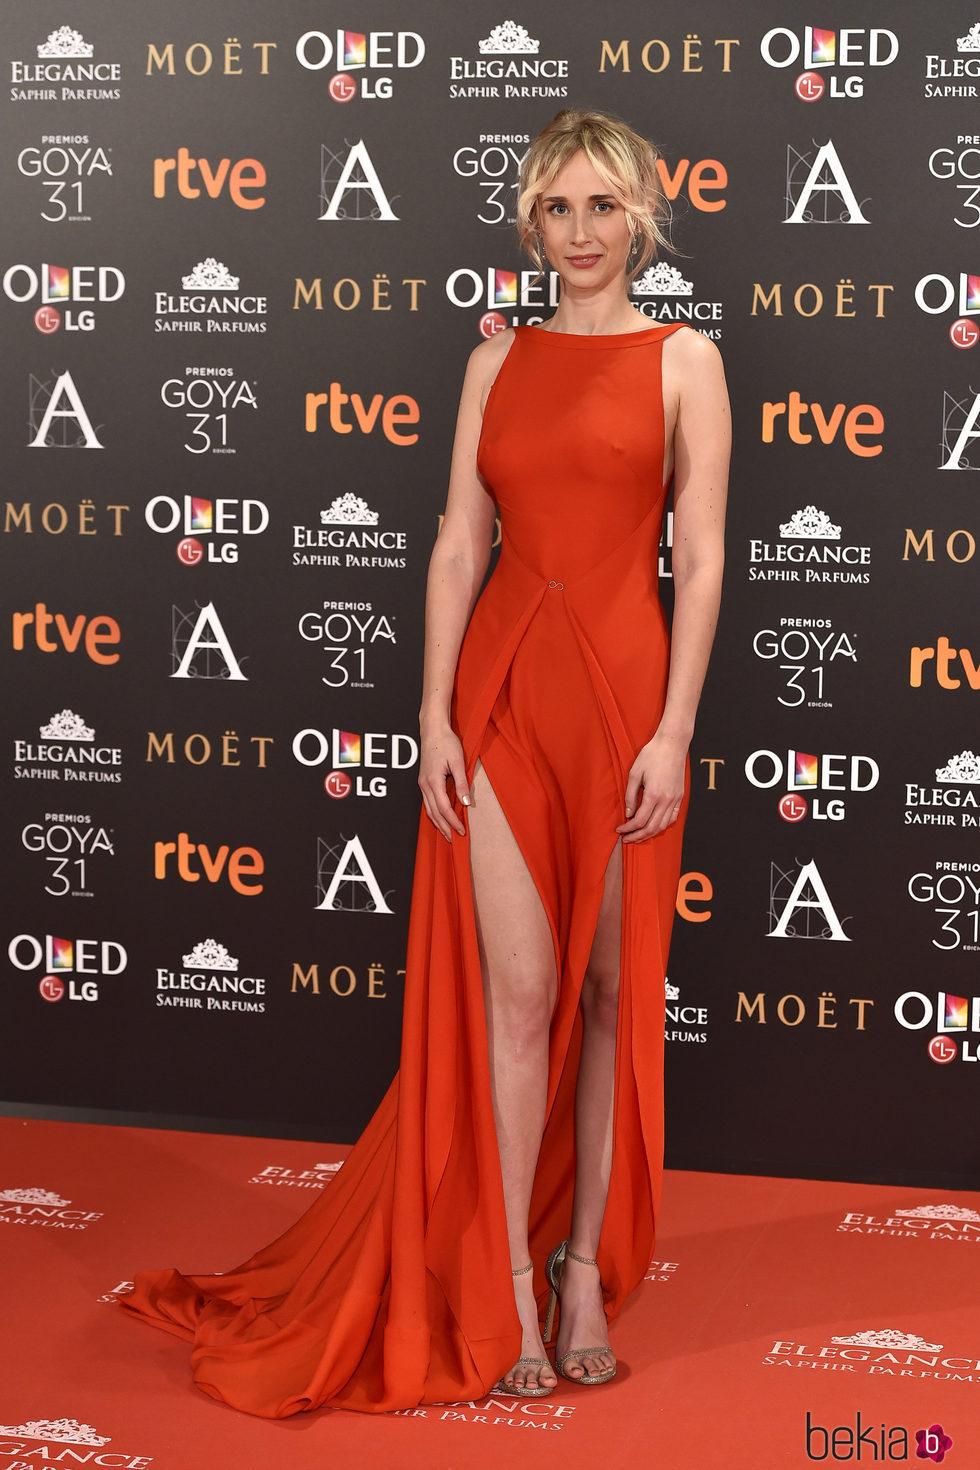 Ingrid García Jonsson en la alfombra roja de los Premios Goya 2017